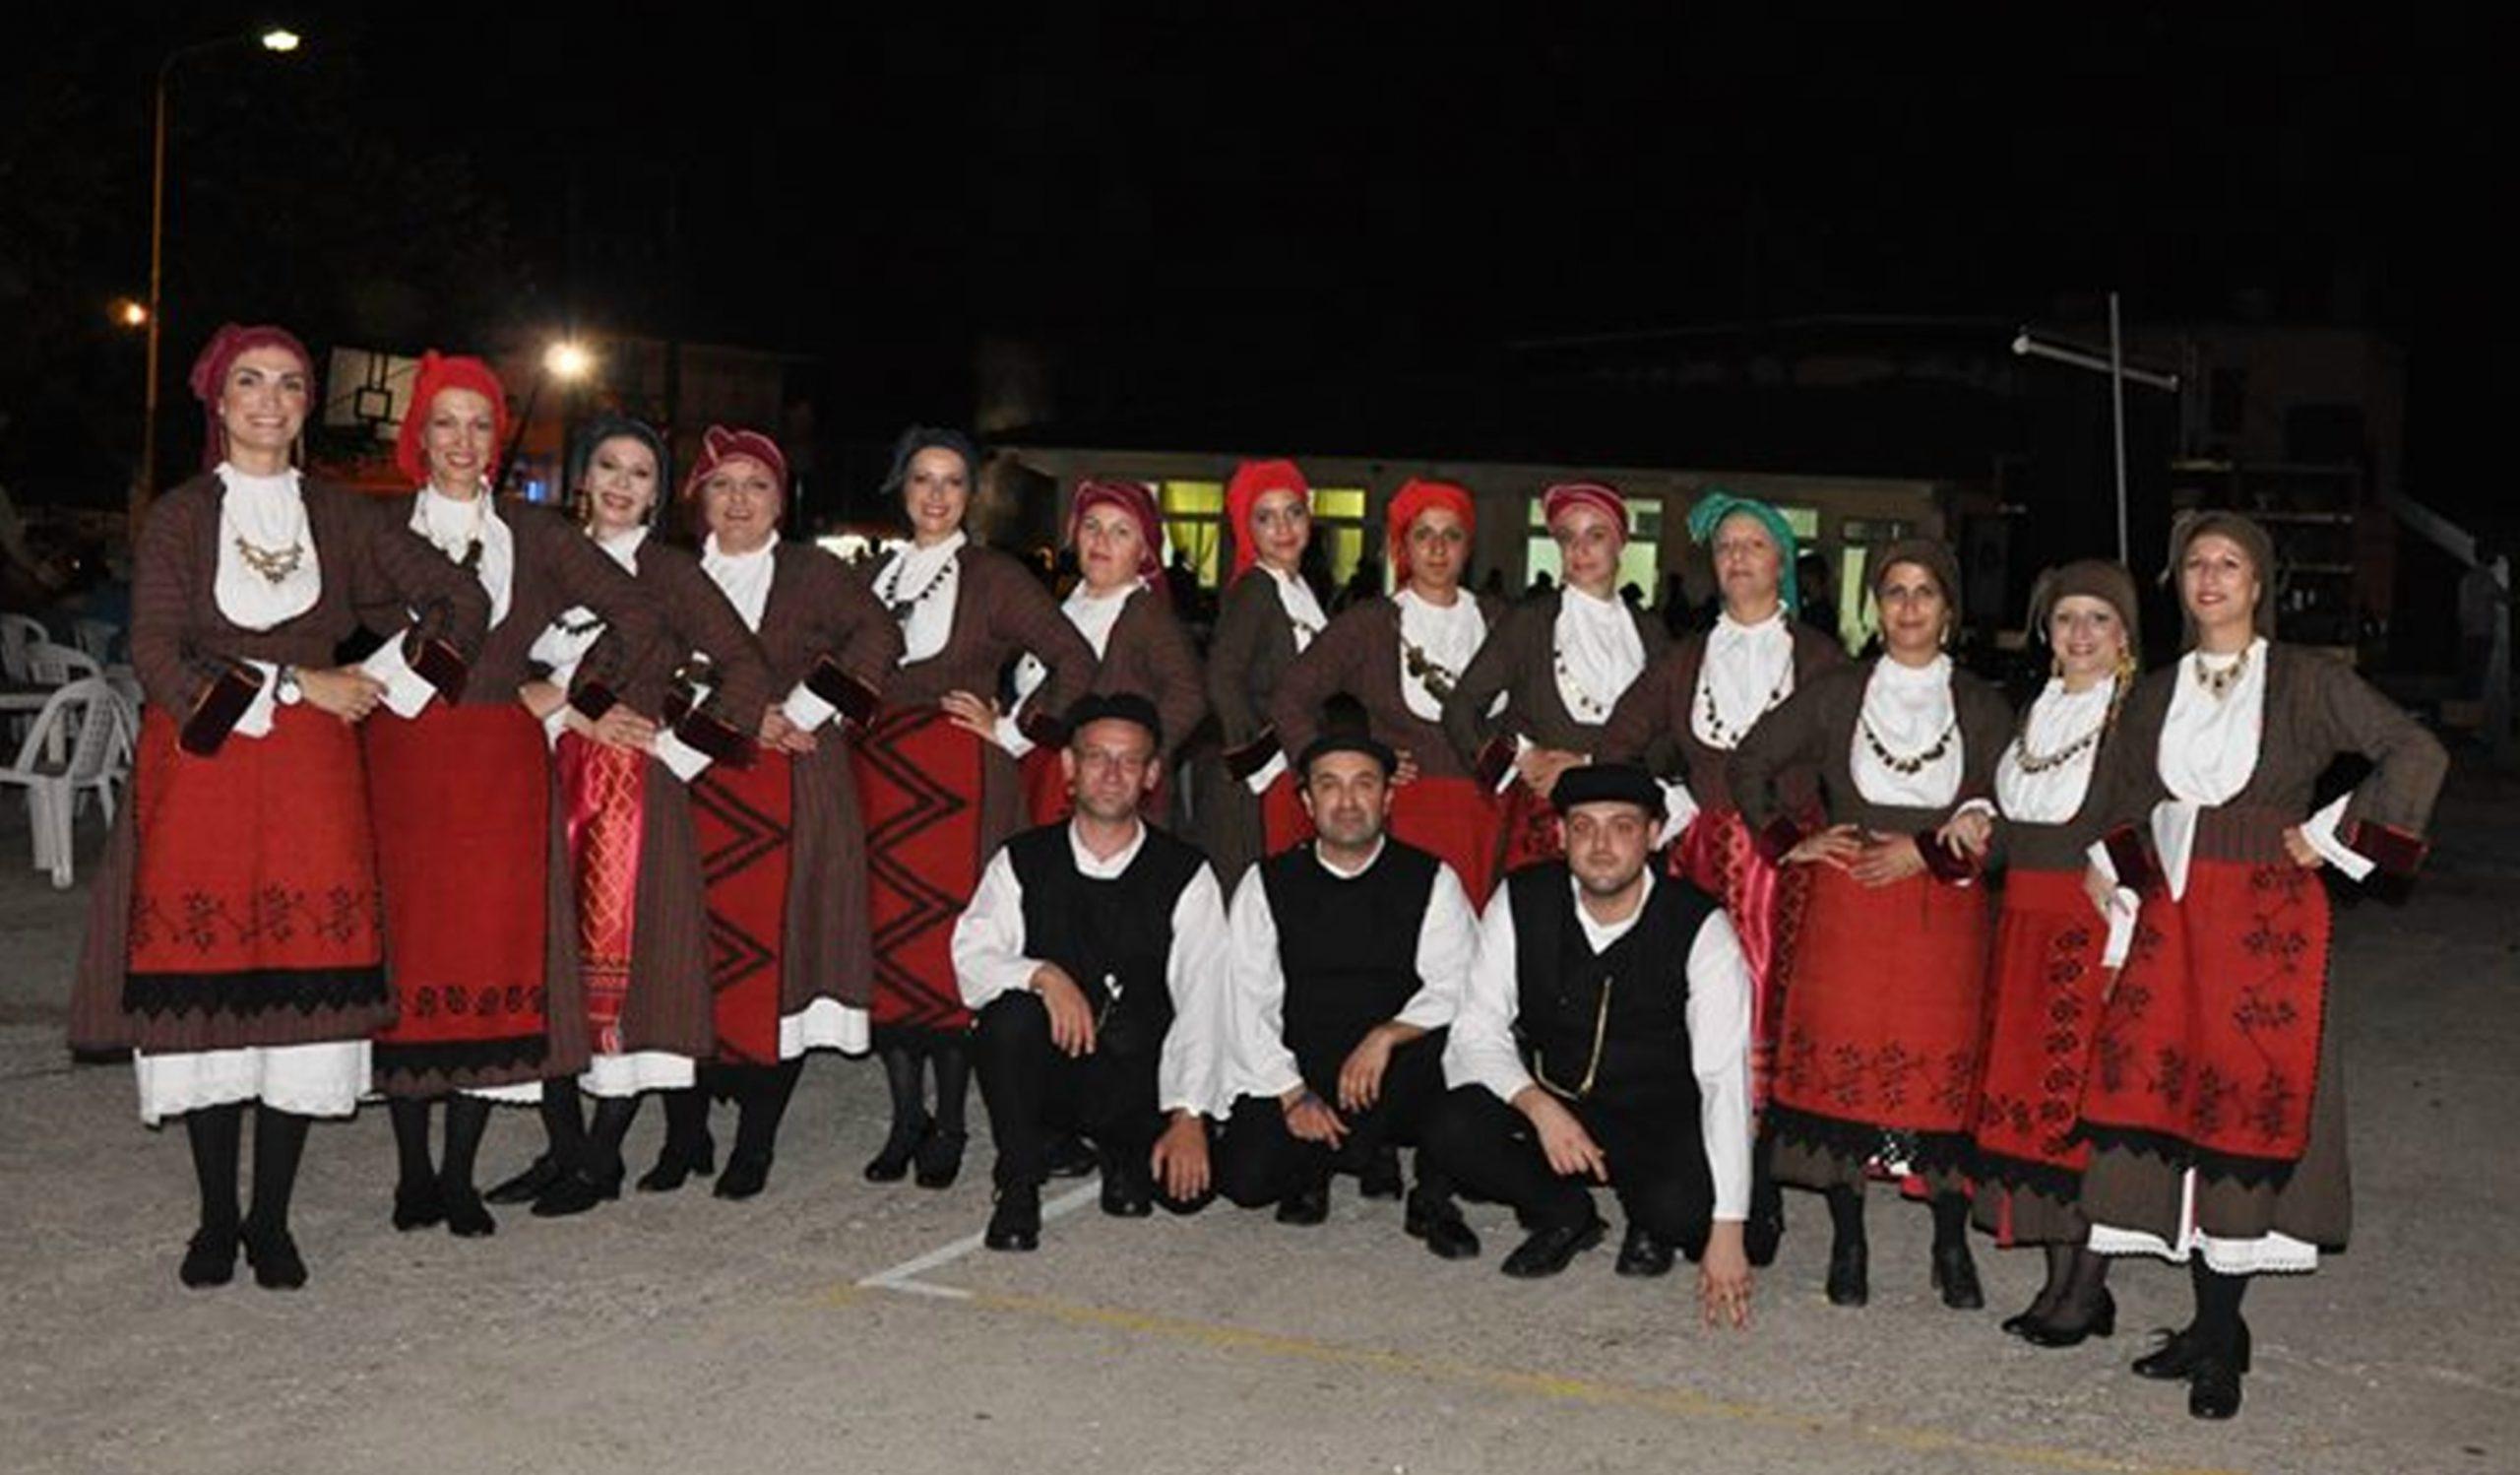 Rodopolis (Griechenland) - 01. 08. 2013